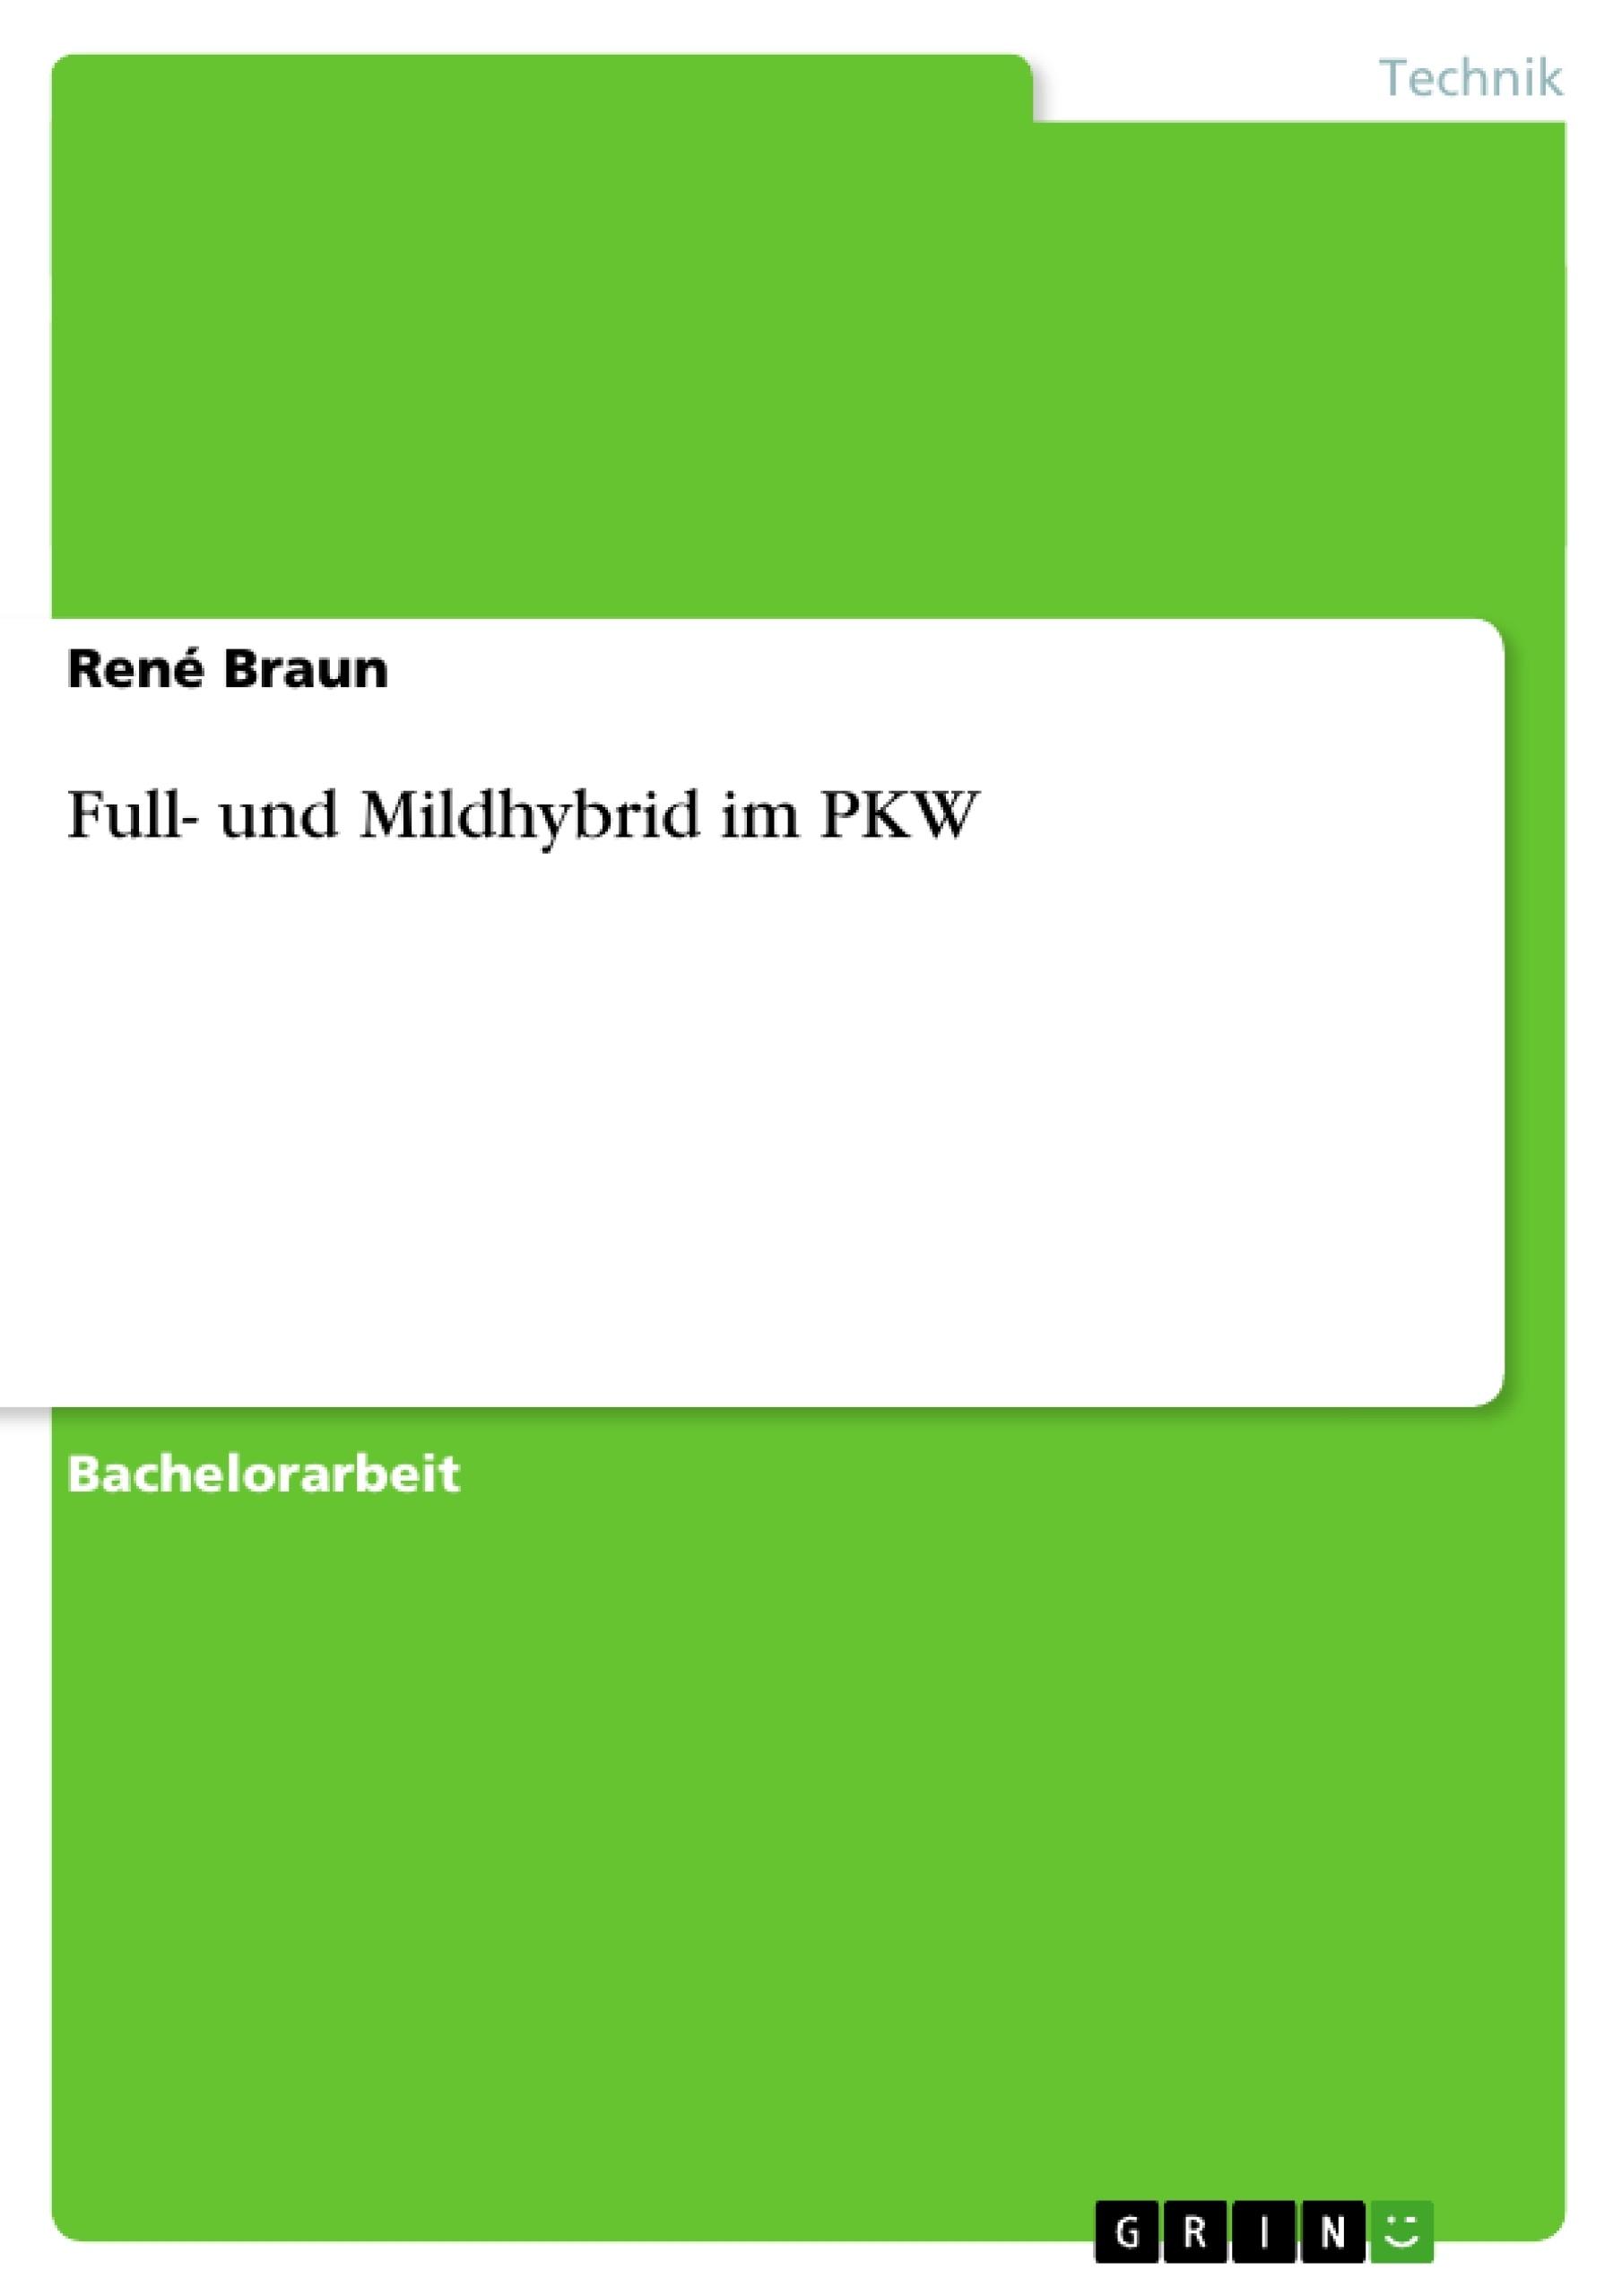 Titel: Full- und Mildhybrid im PKW